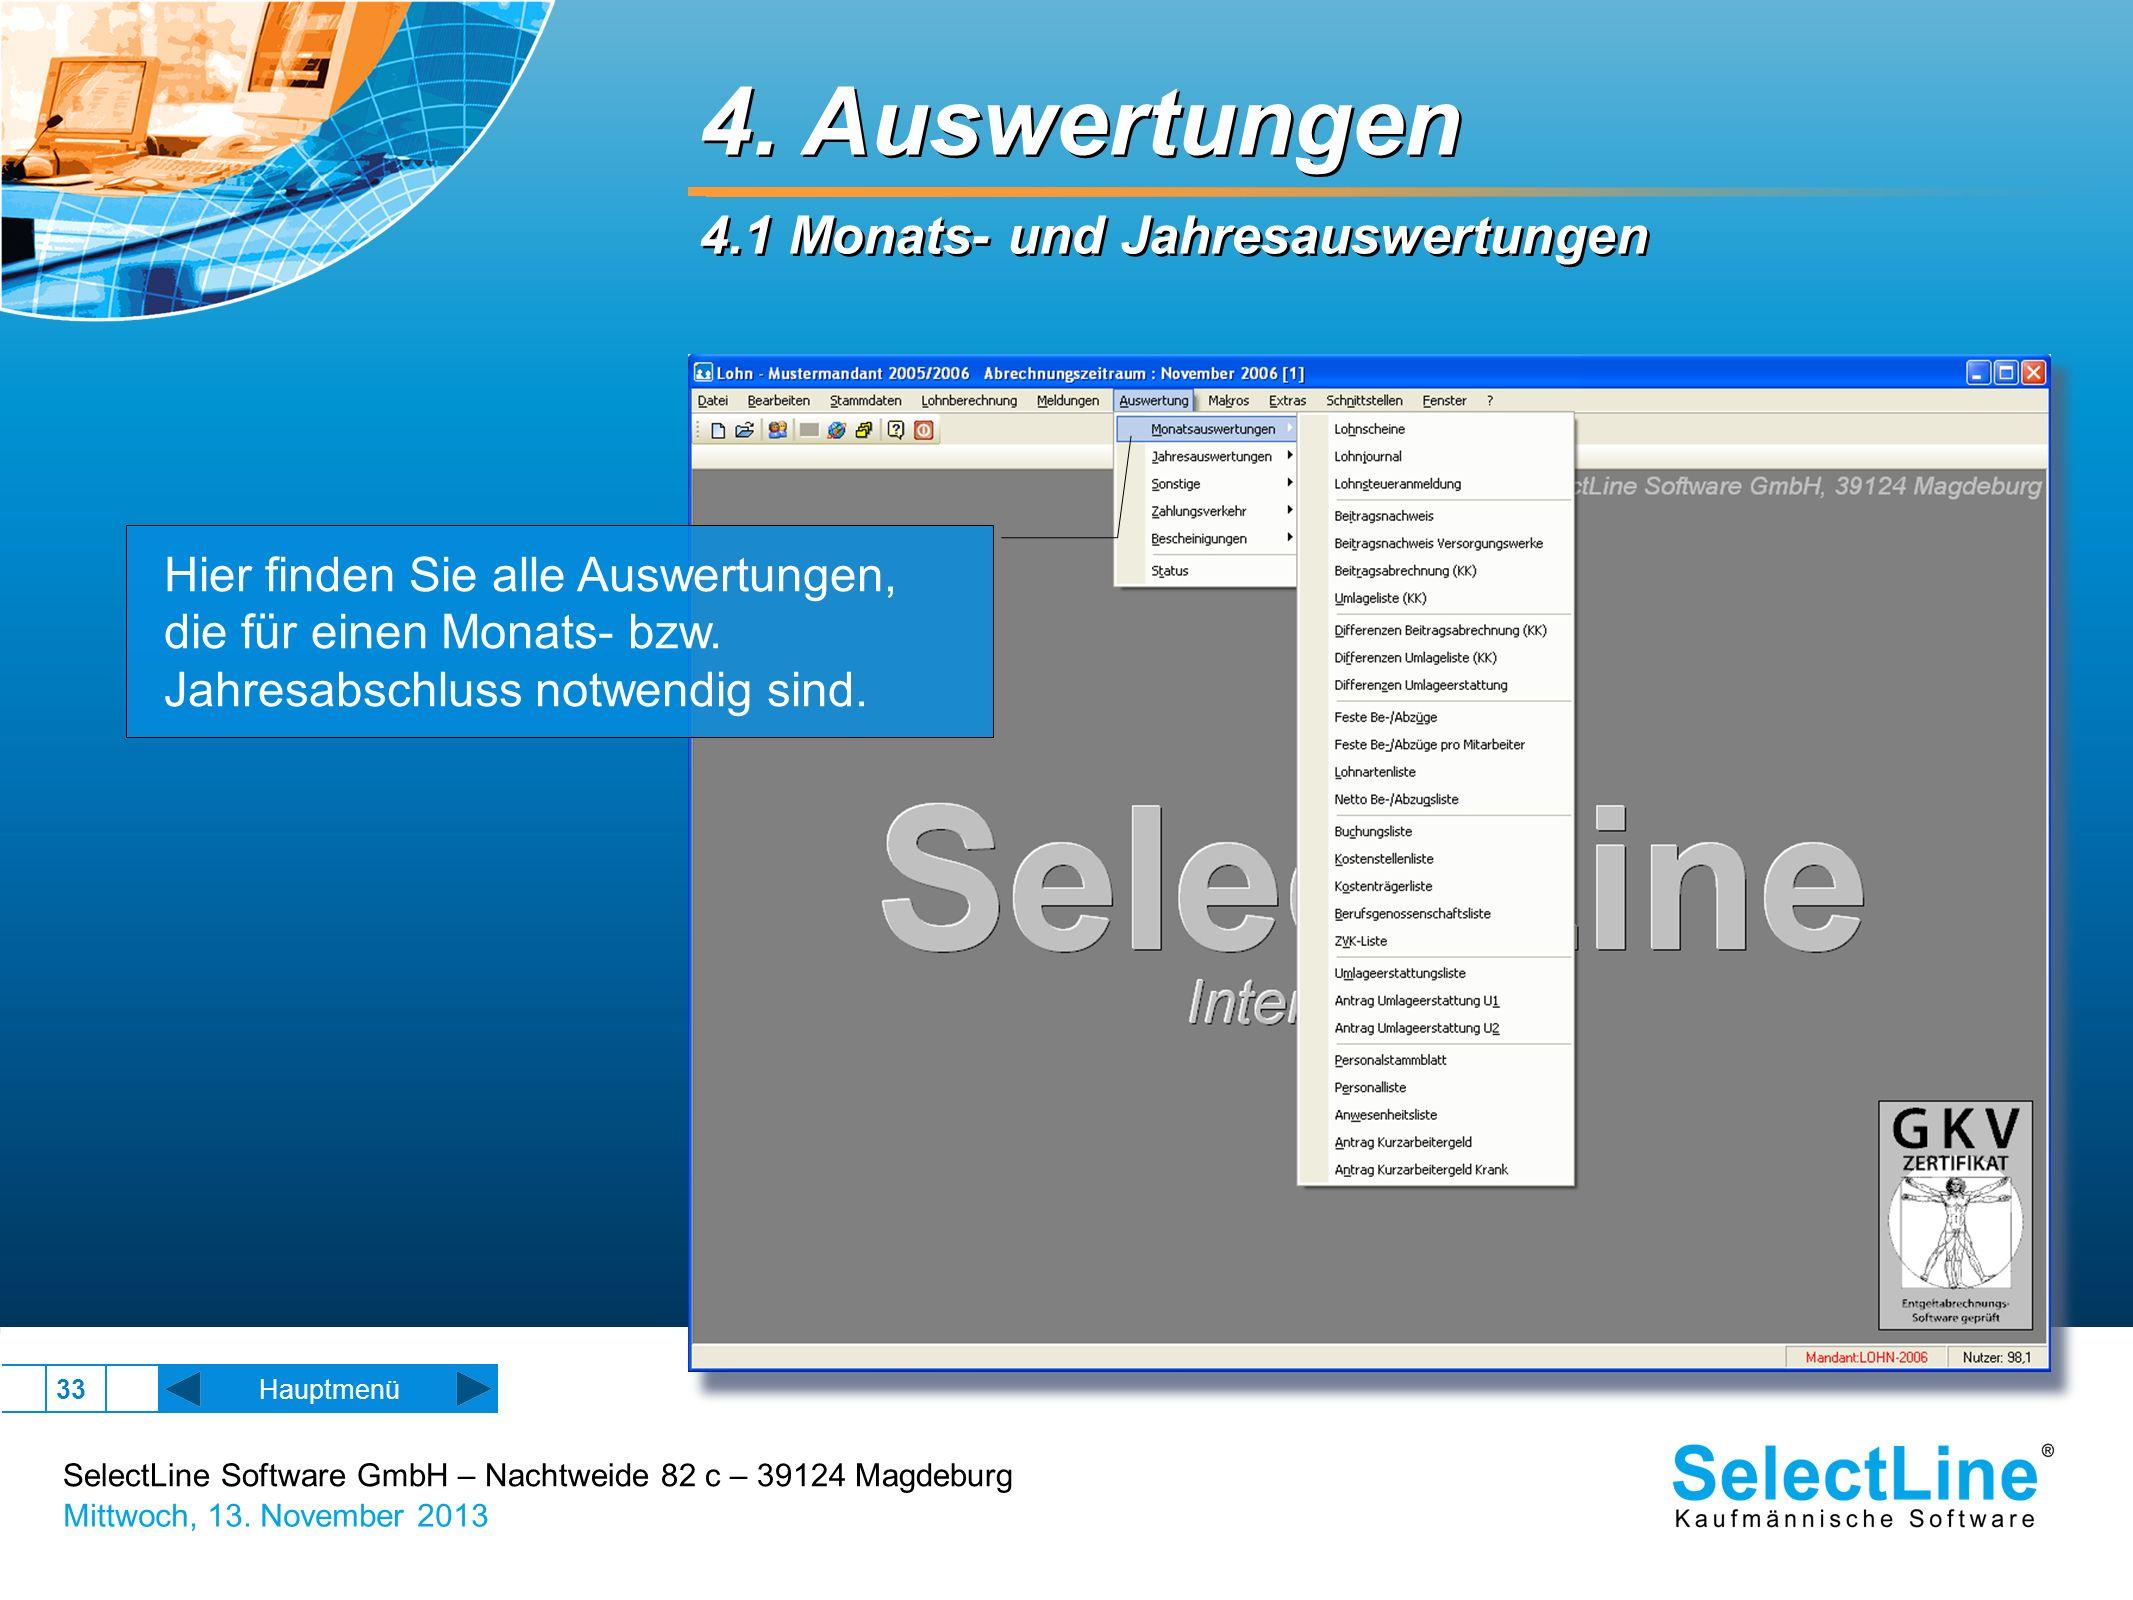 SelectLine Software GmbH – Nachtweide 82 c – 39124 Magdeburg Mittwoch, 13. November 2013 33 Hauptmenü 4. Auswertungen 4.1 Monats- und Jahresauswertung